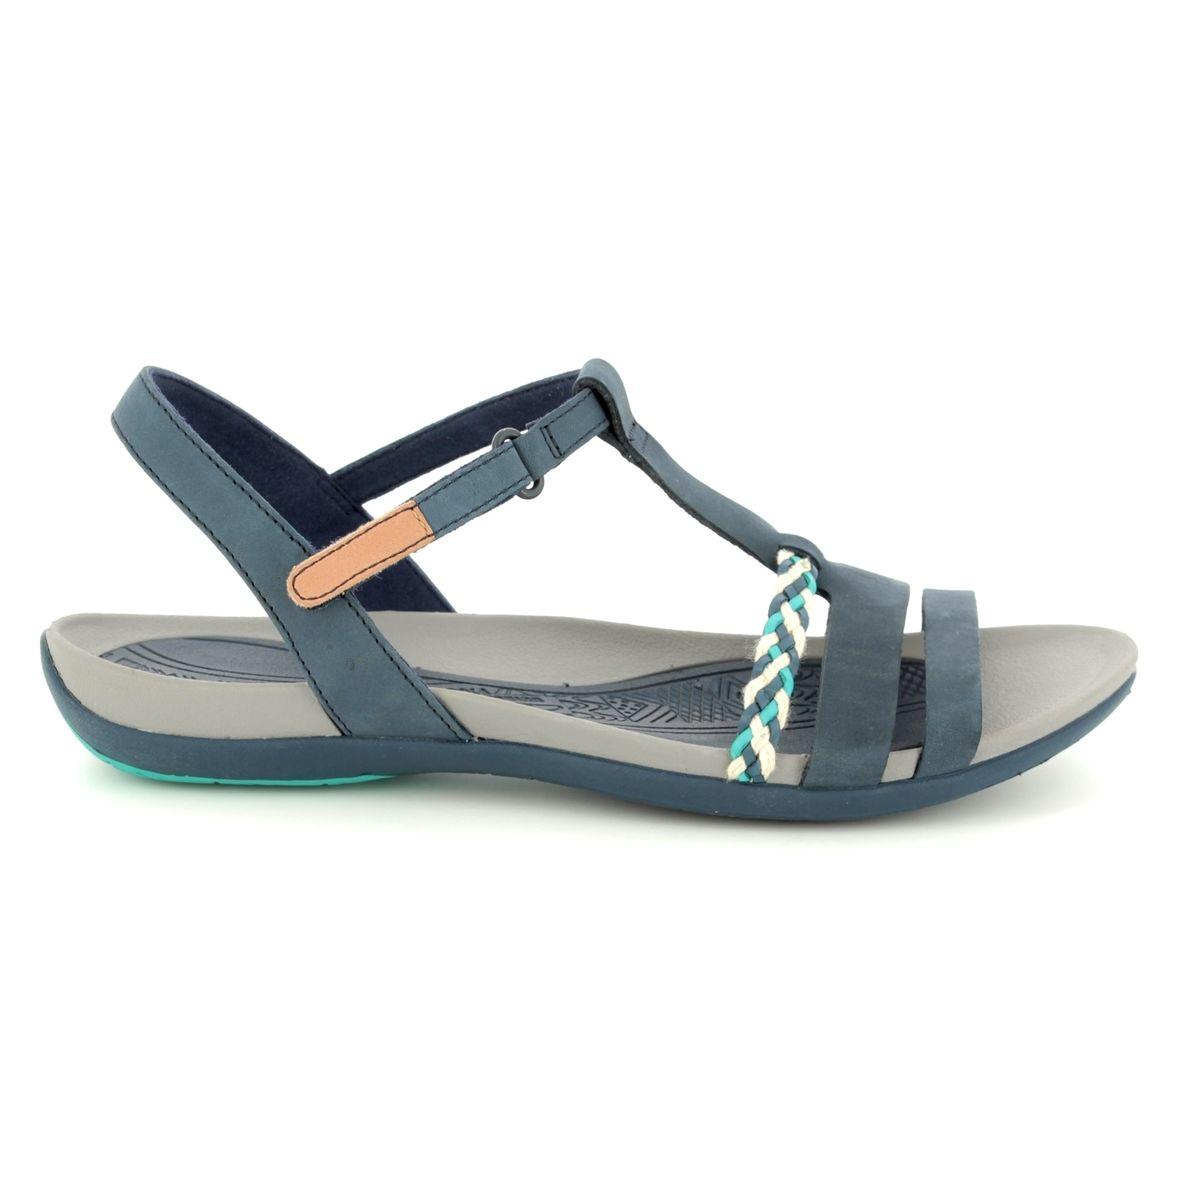 87798482725f Clarks Sandals - Navy - 2389 44D TEALITE GRACE